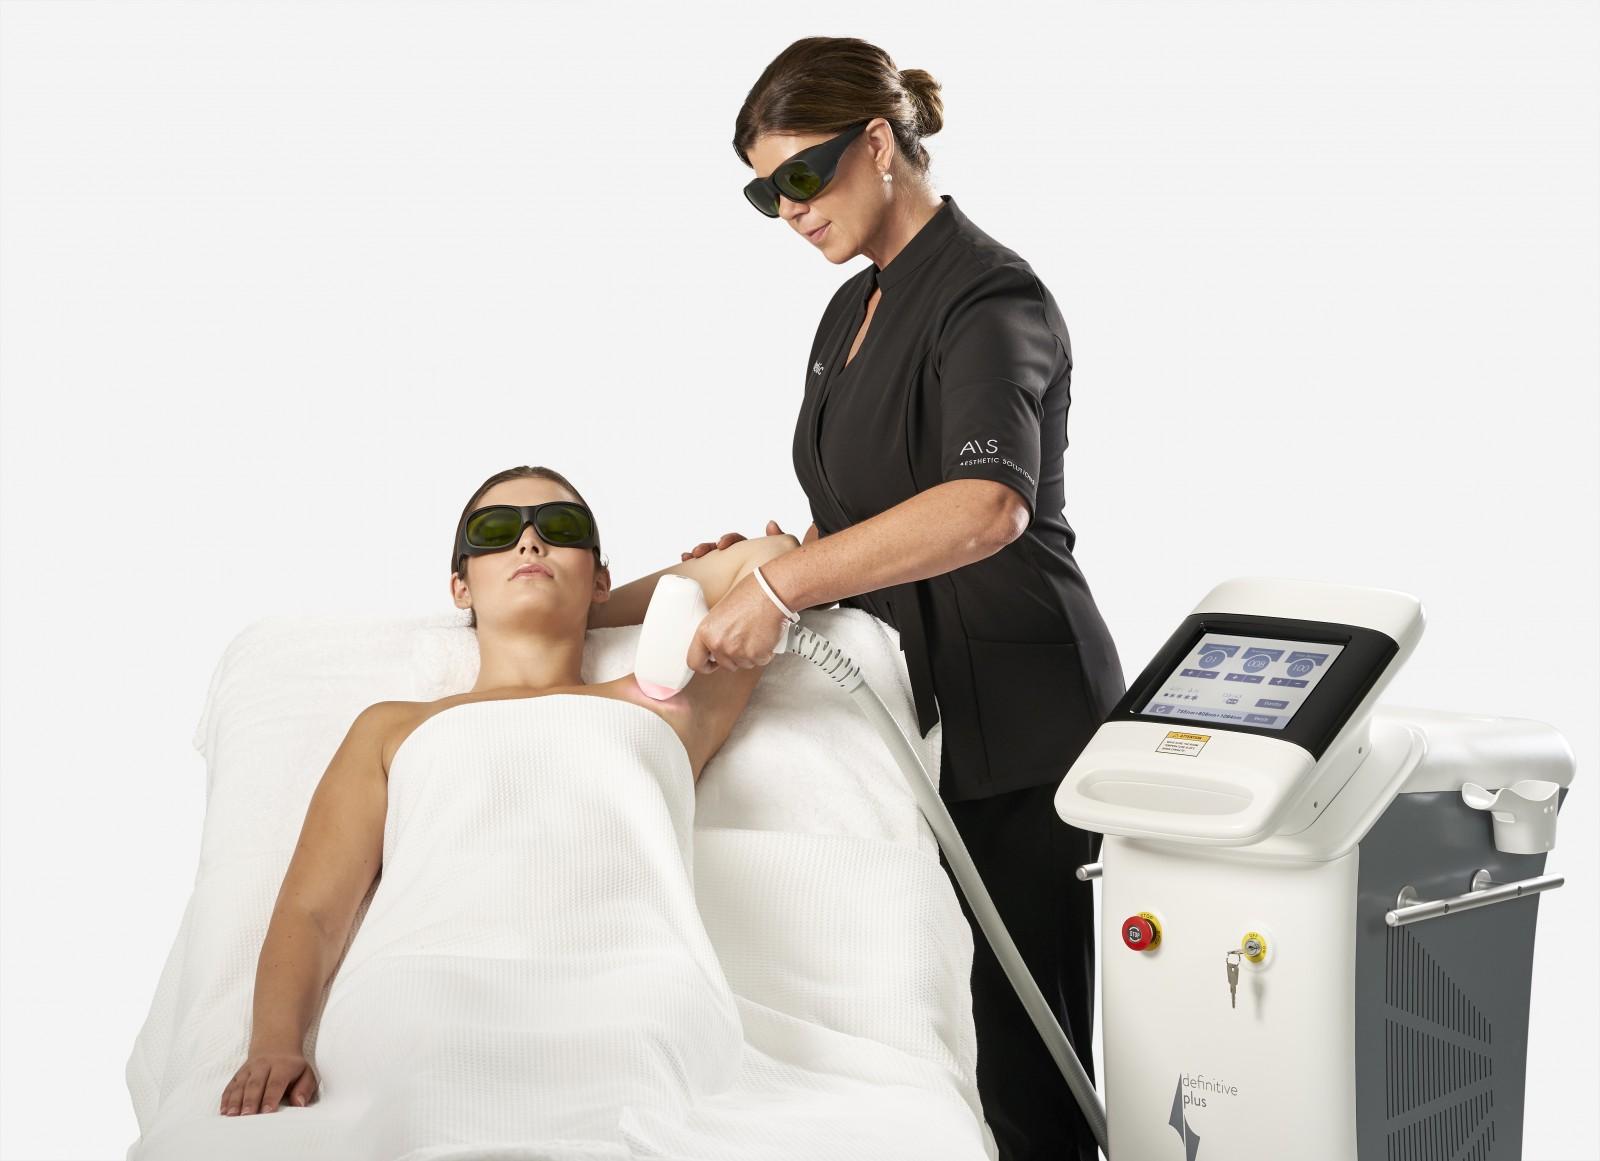 Laserbehandeling met het Definitive Plus toestel